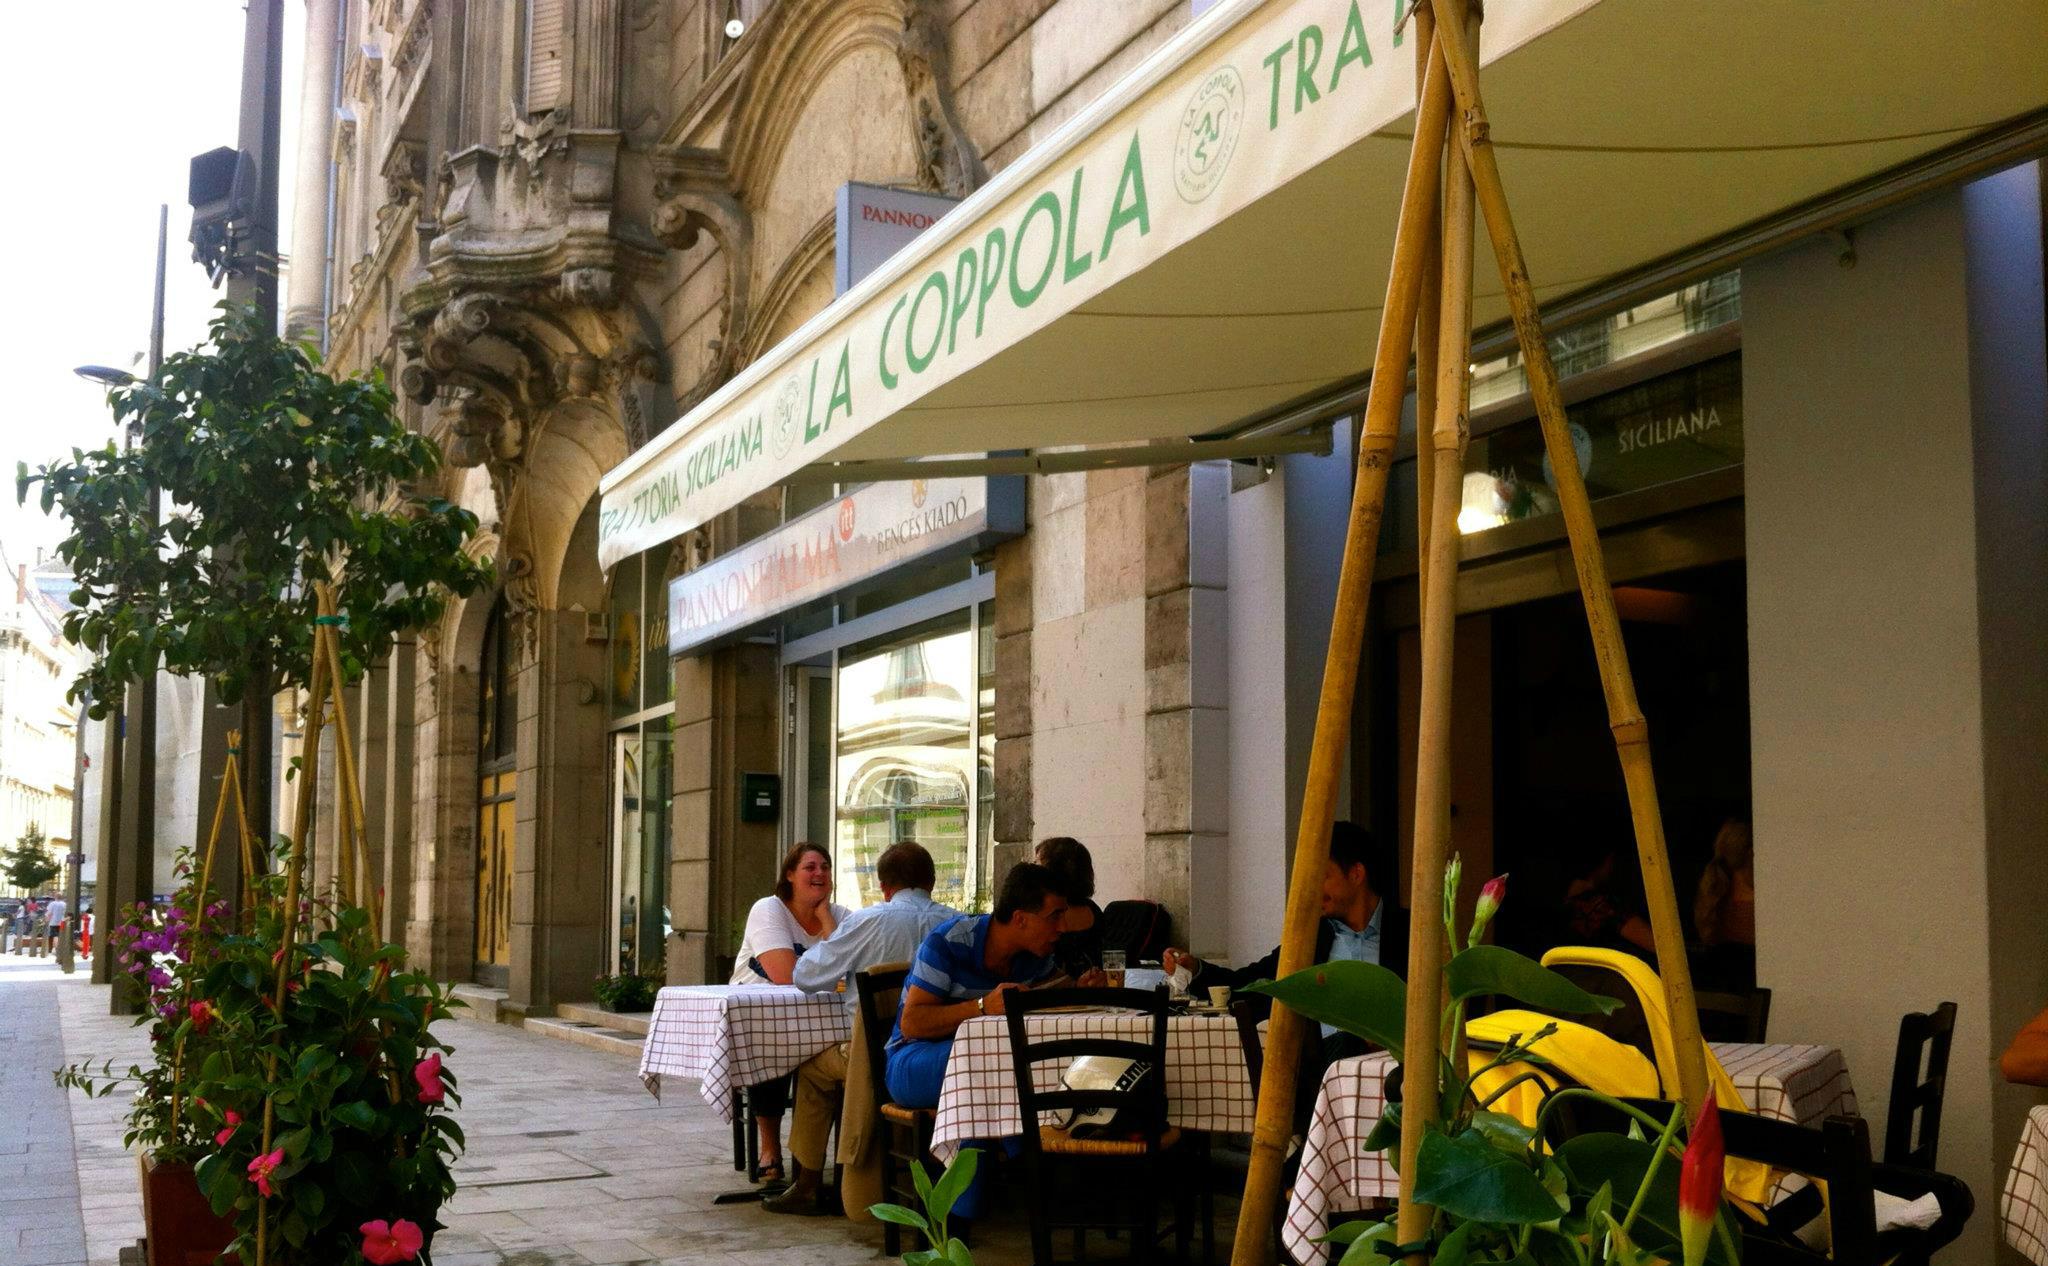 פיצה ופסטה בבודפשט - מסעדת קופולה